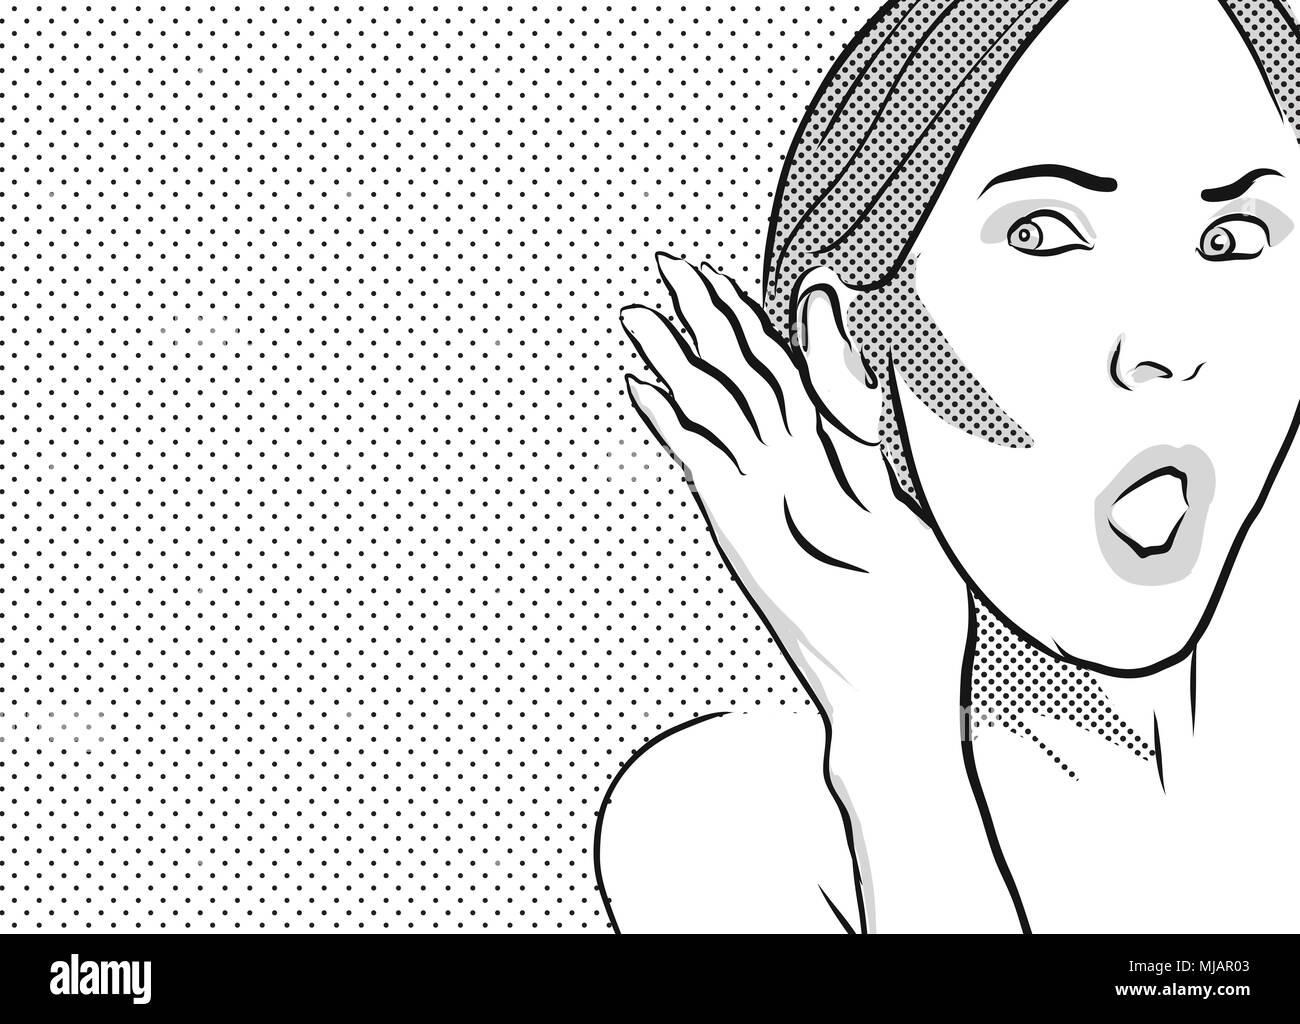 Audizione Gossip Girl fumetto clipart vintage con grigio sfondo puntinato Immagini Stock